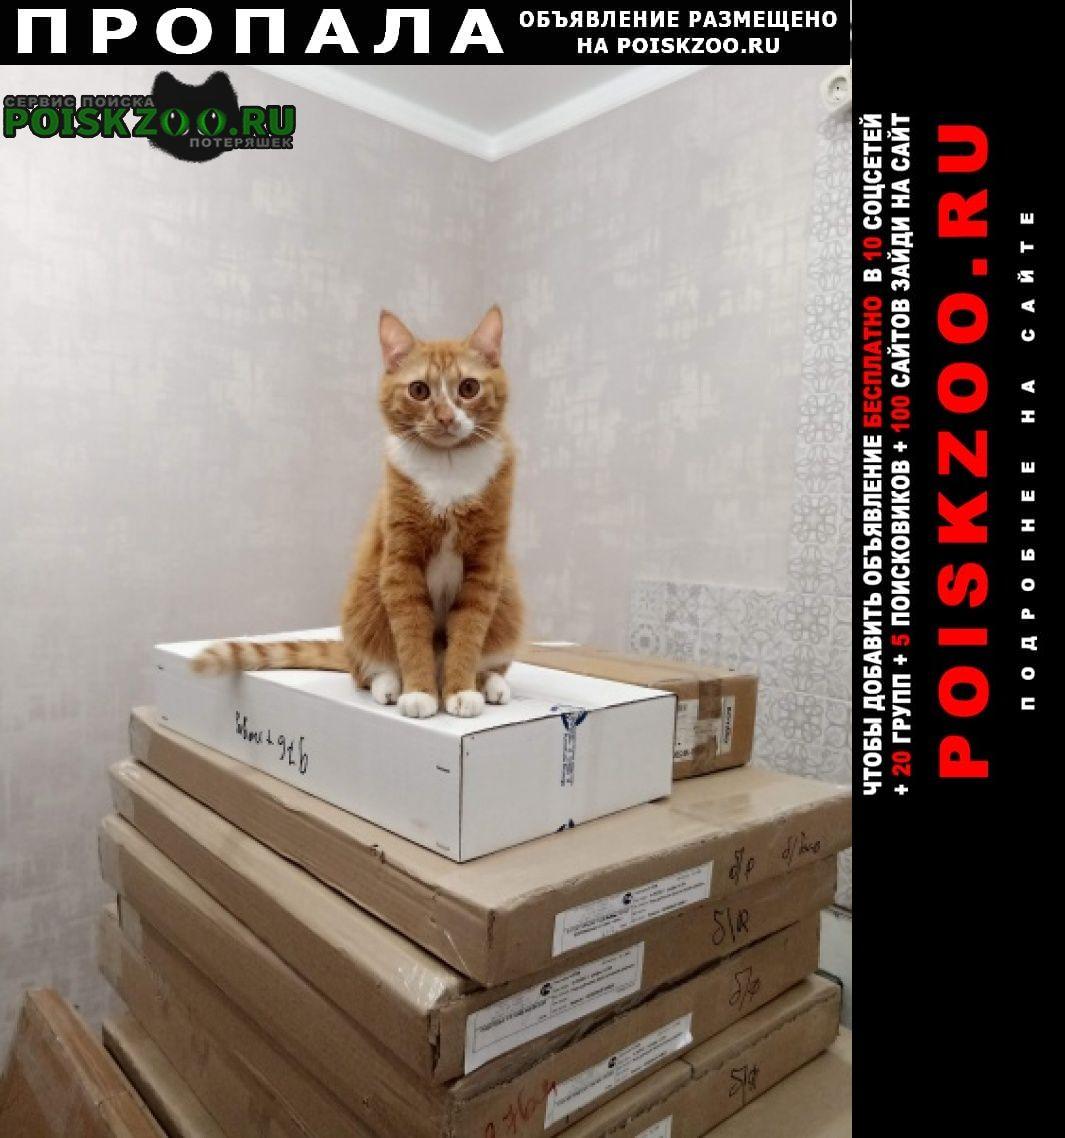 Пропал кот помогите найти Электрогорск